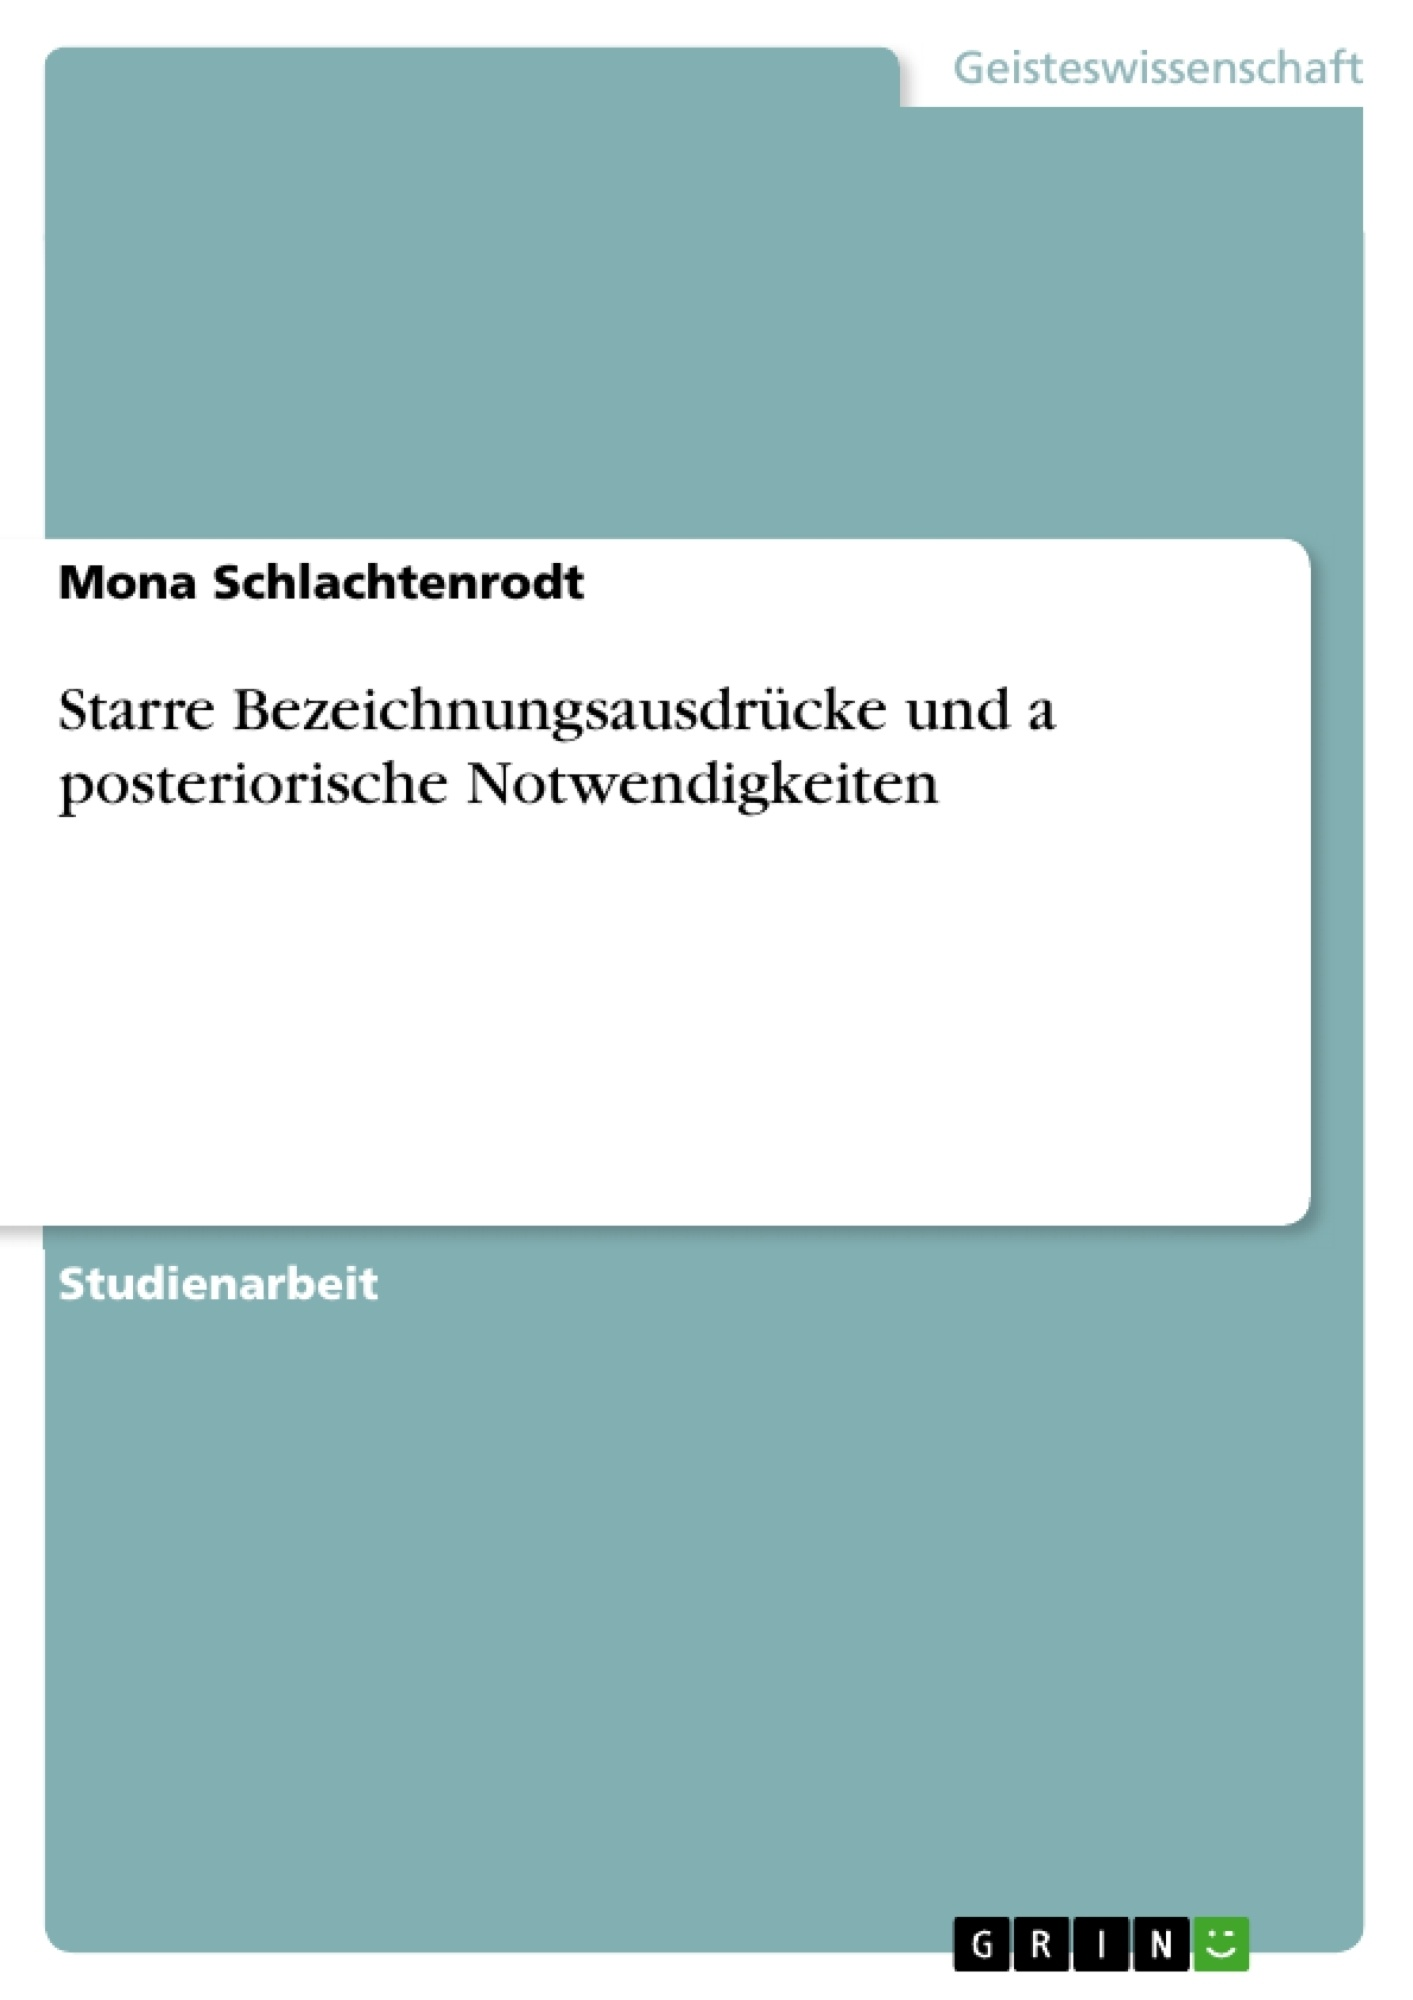 Titel: Starre Bezeichnungsausdrücke und a posteriorische Notwendigkeiten